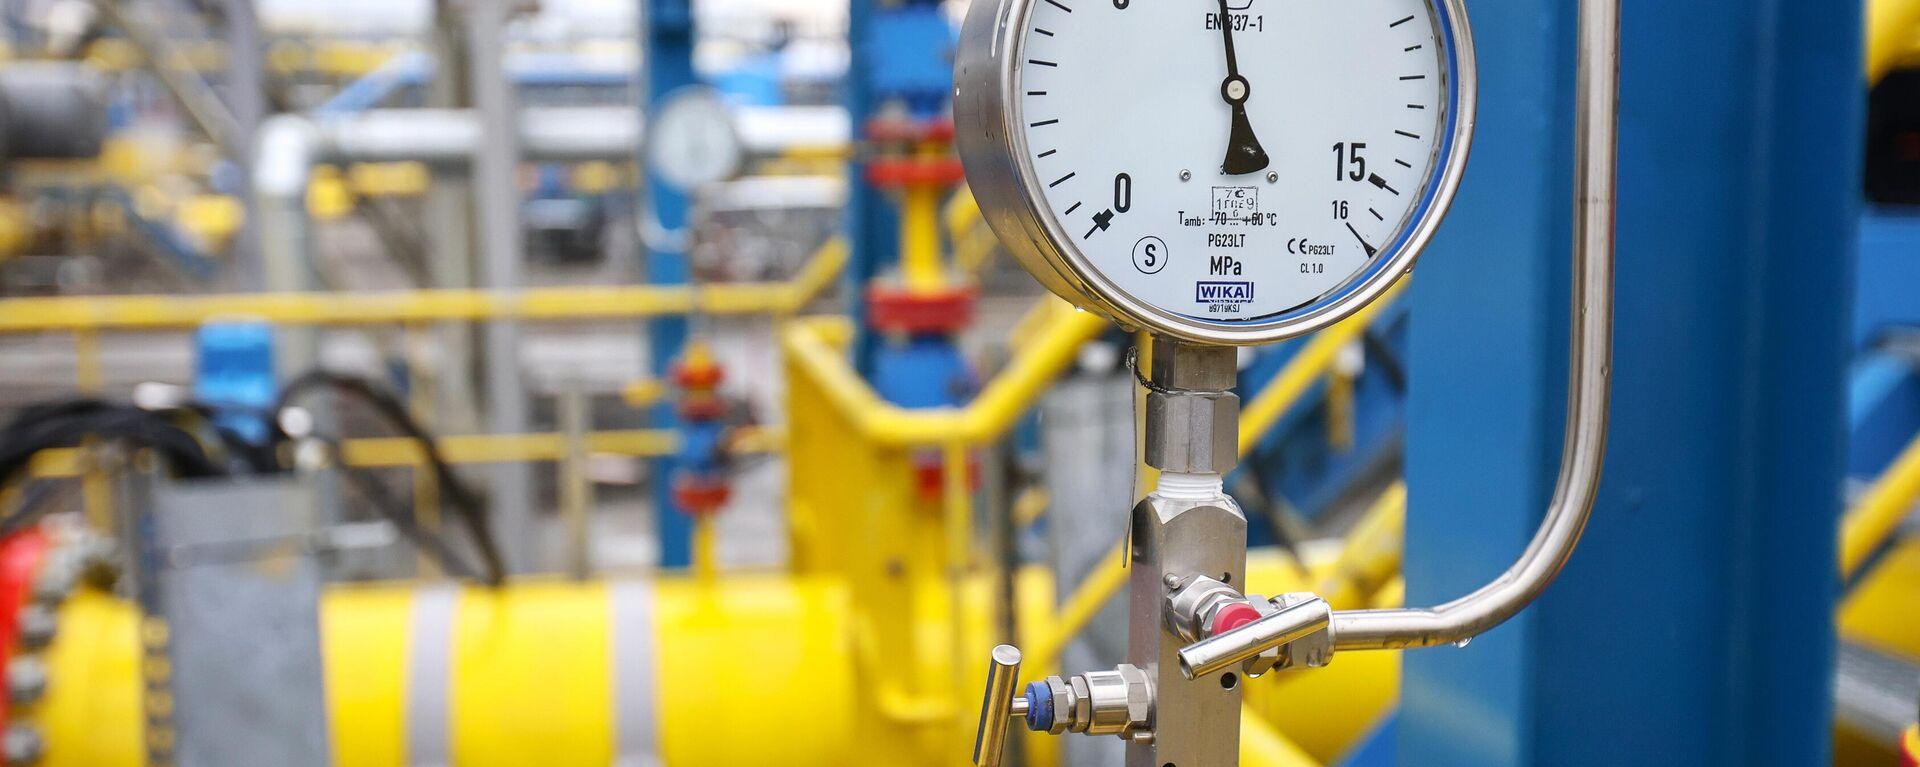 Показатель давления в измерительных линиях сырьевого газа на Амурском ГПЗ - Sputnik Узбекистан, 1920, 20.09.2021